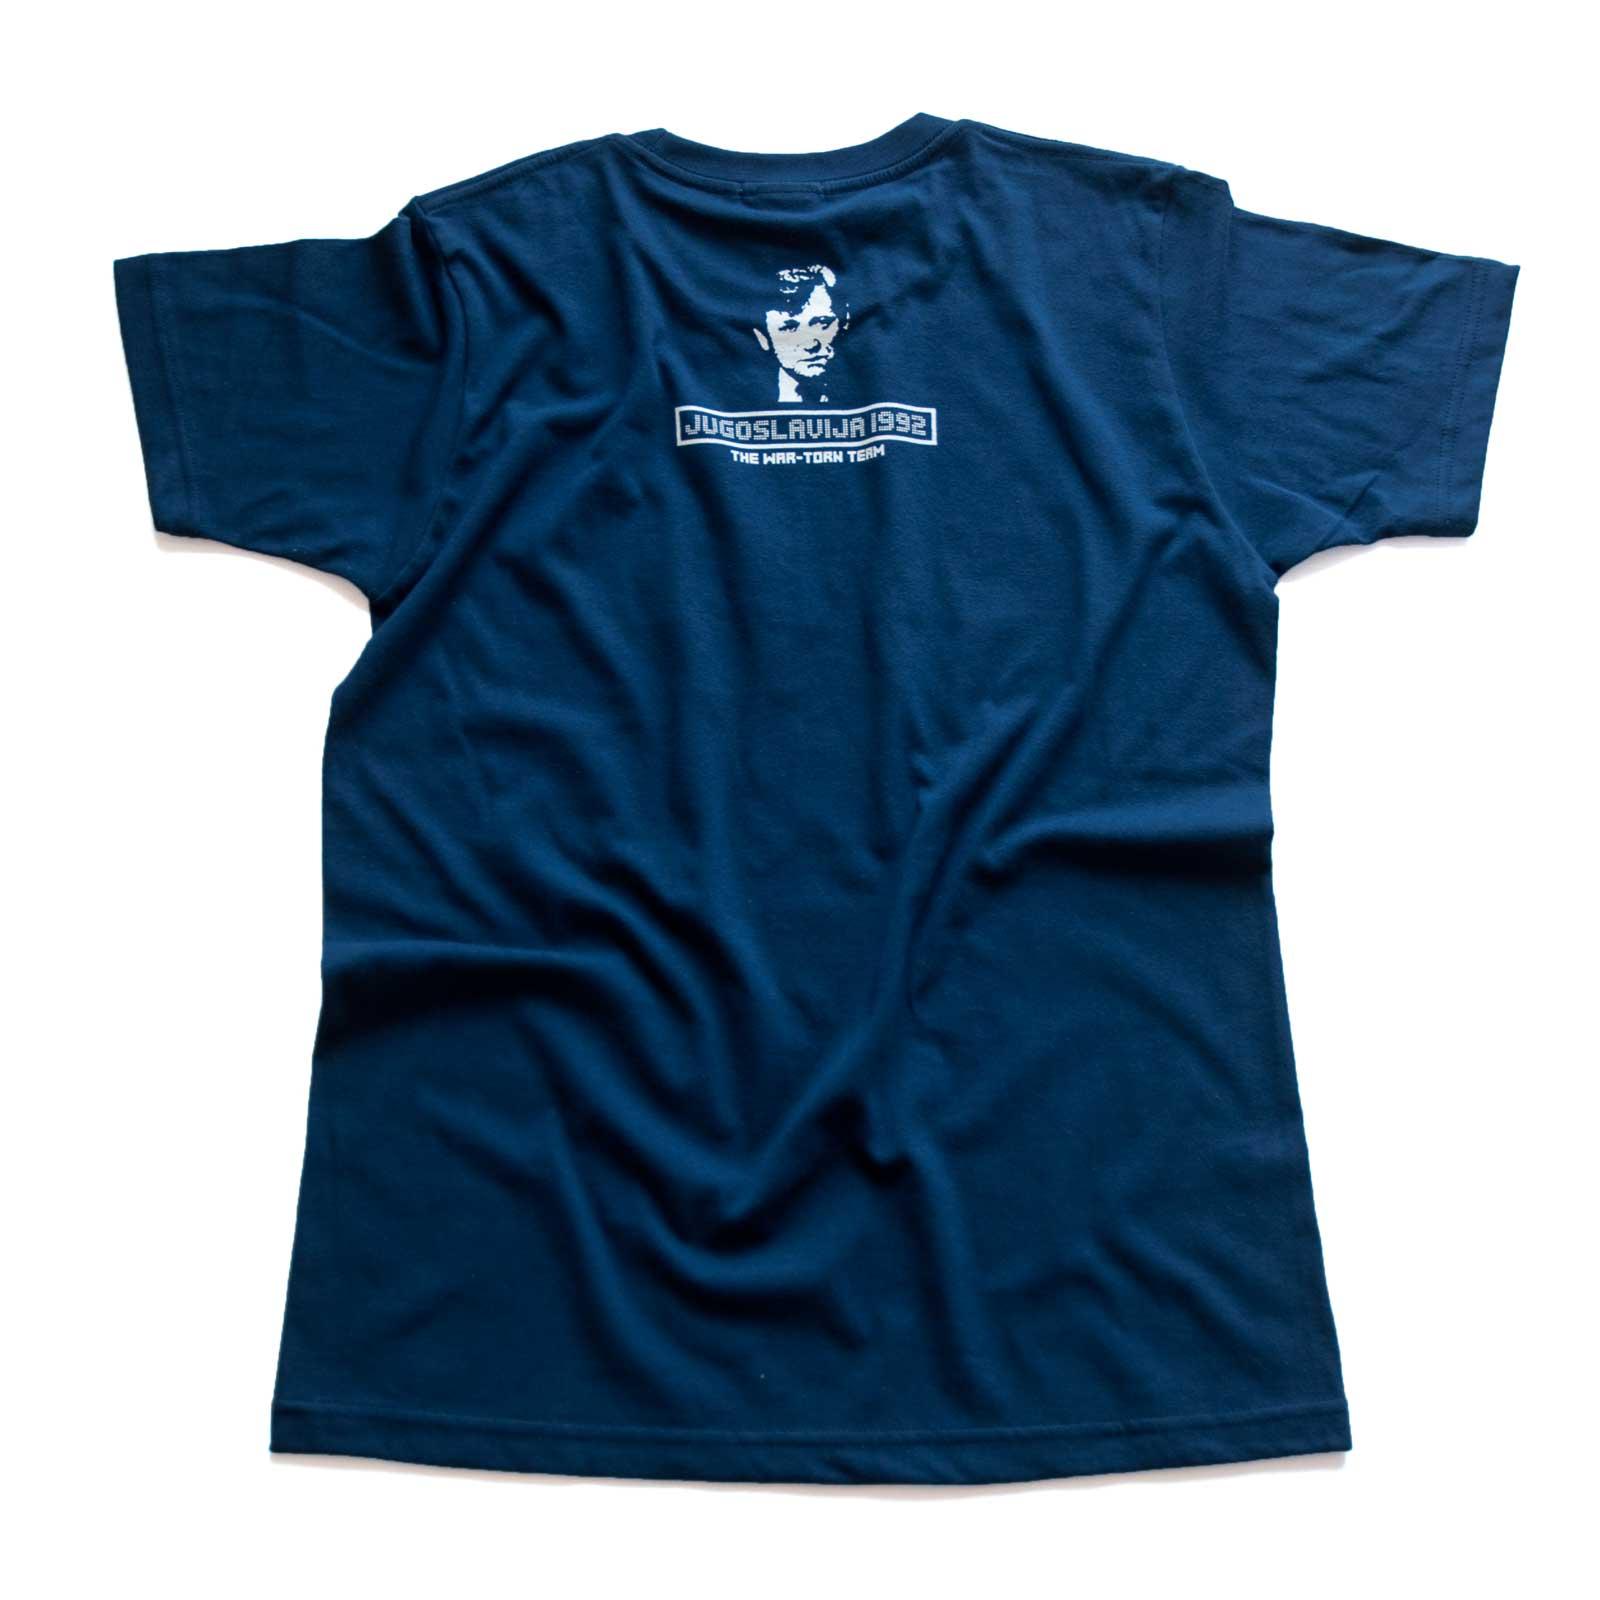 JUGOSLAVIJA 1992 引き裂かれたユーゴ Tシャツ